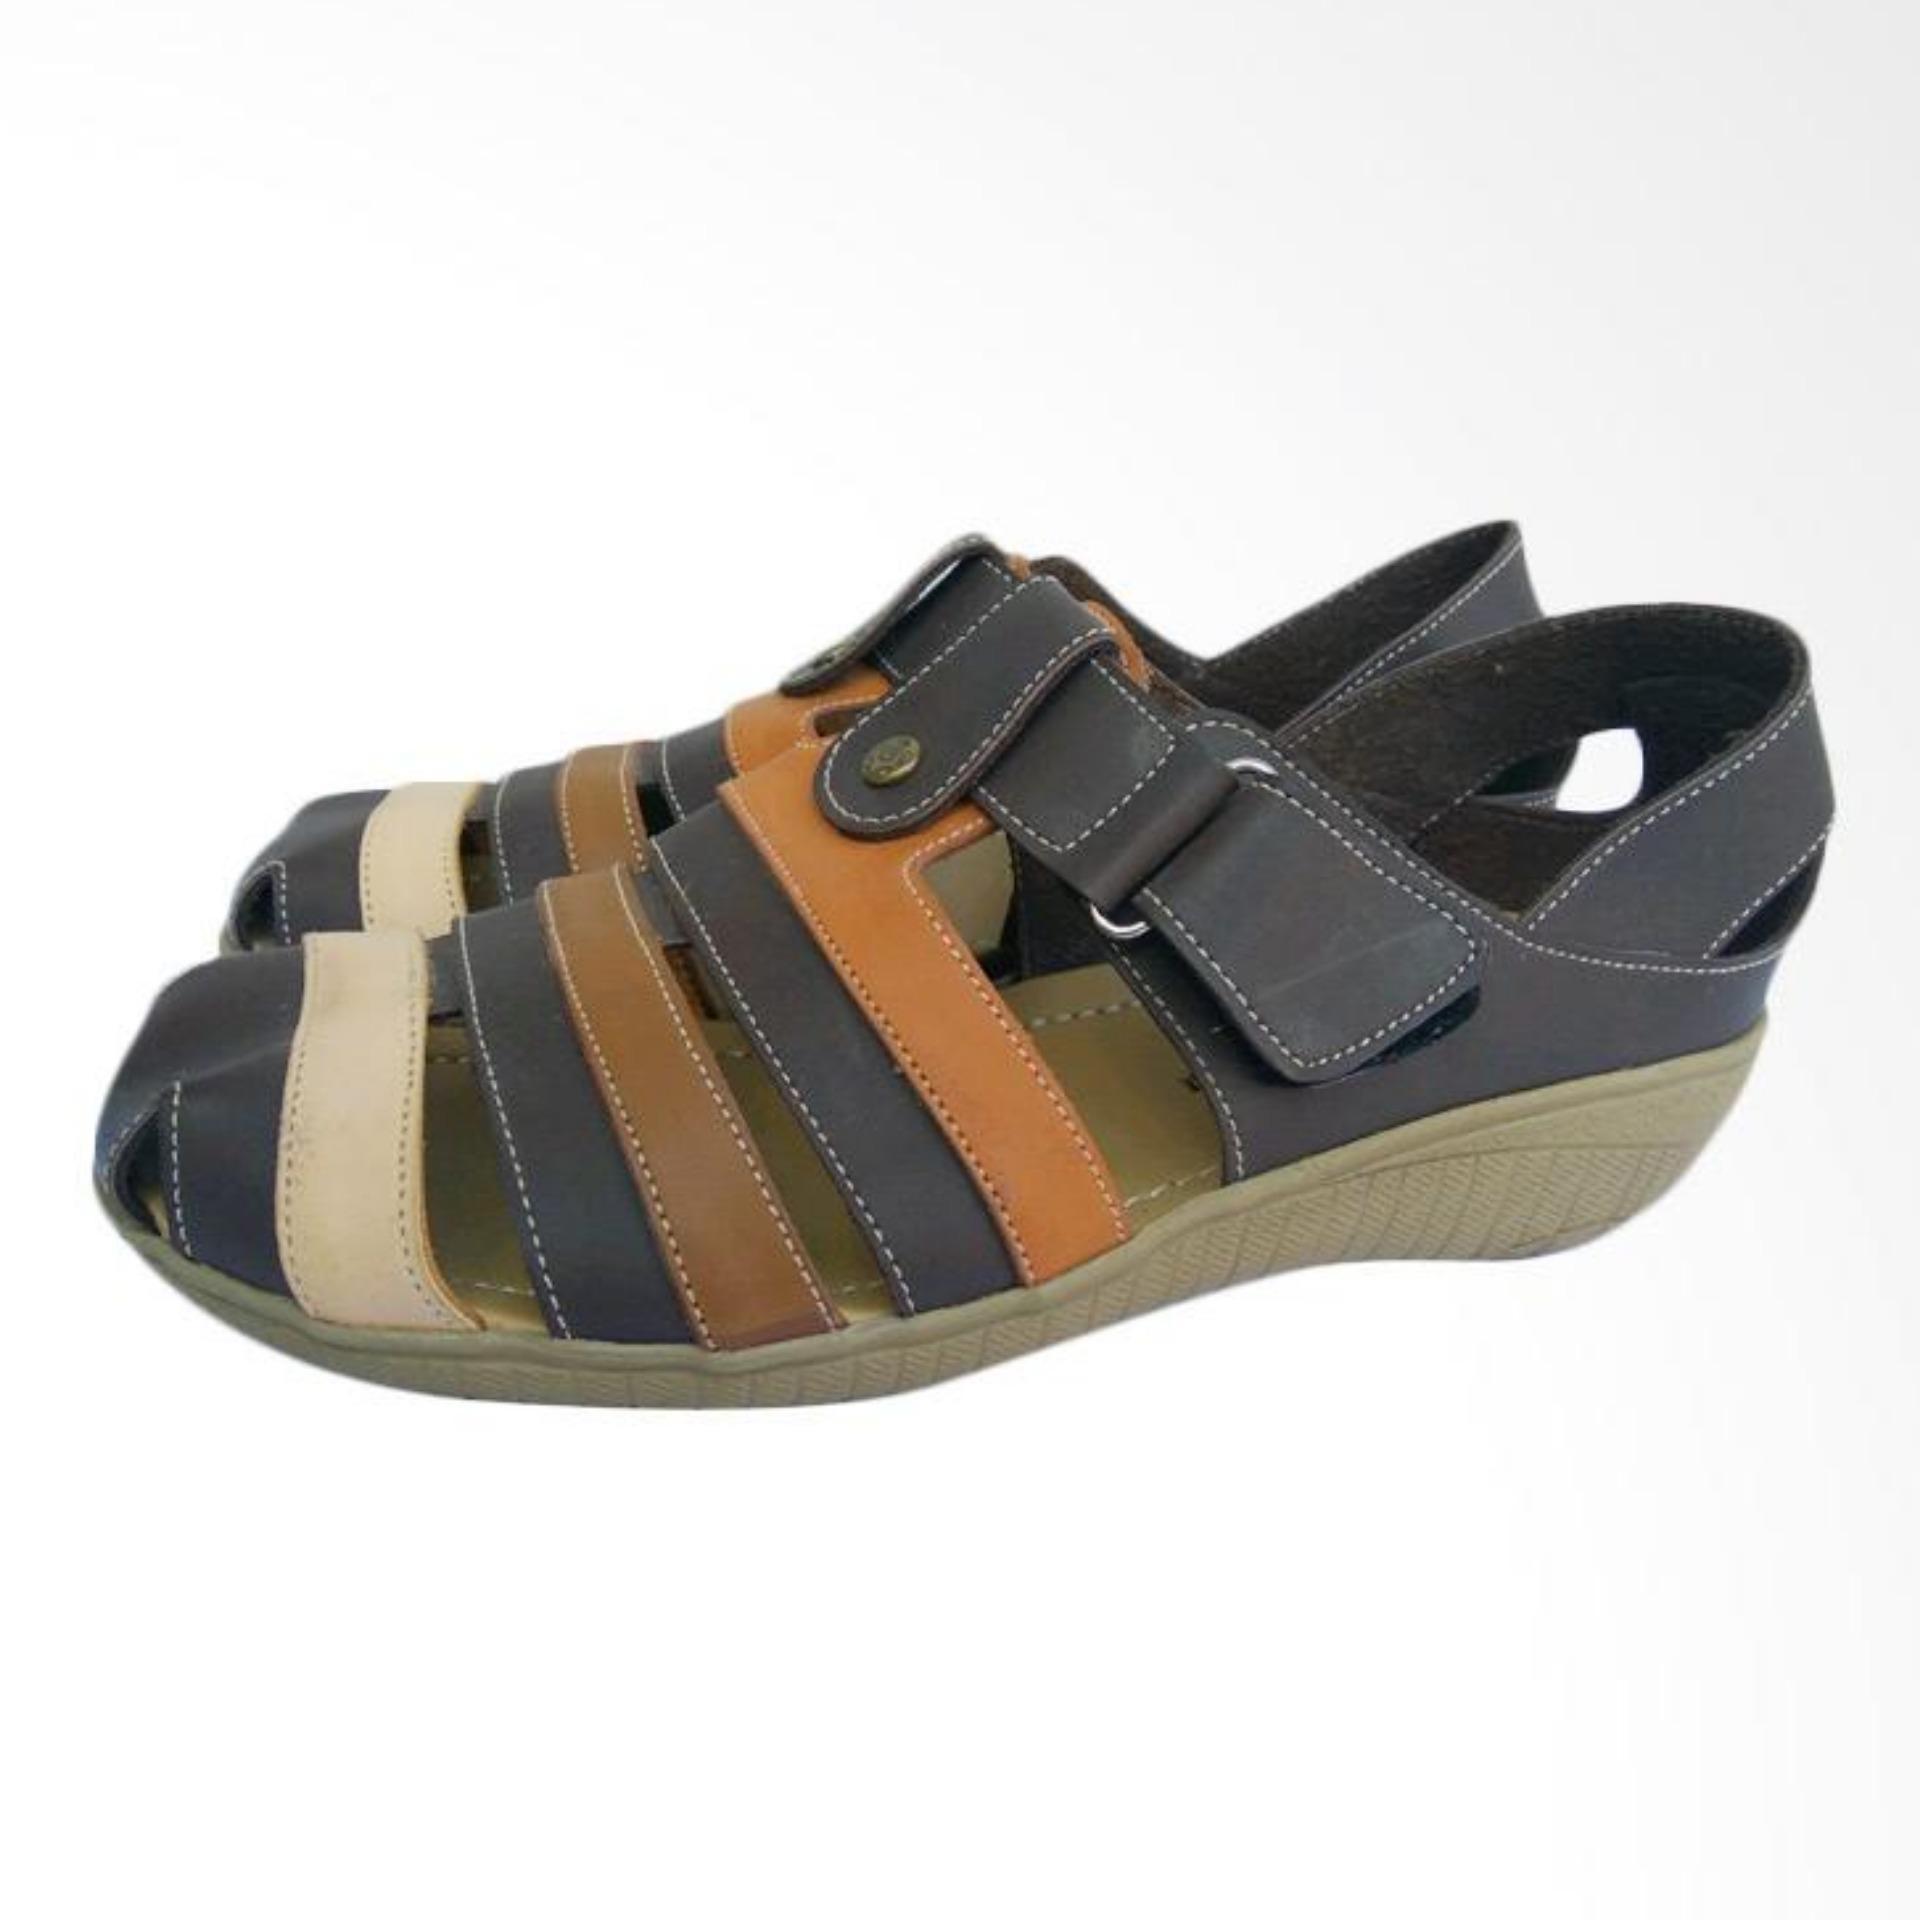 Sepatu Wanita Wedges kulit  - Coklat